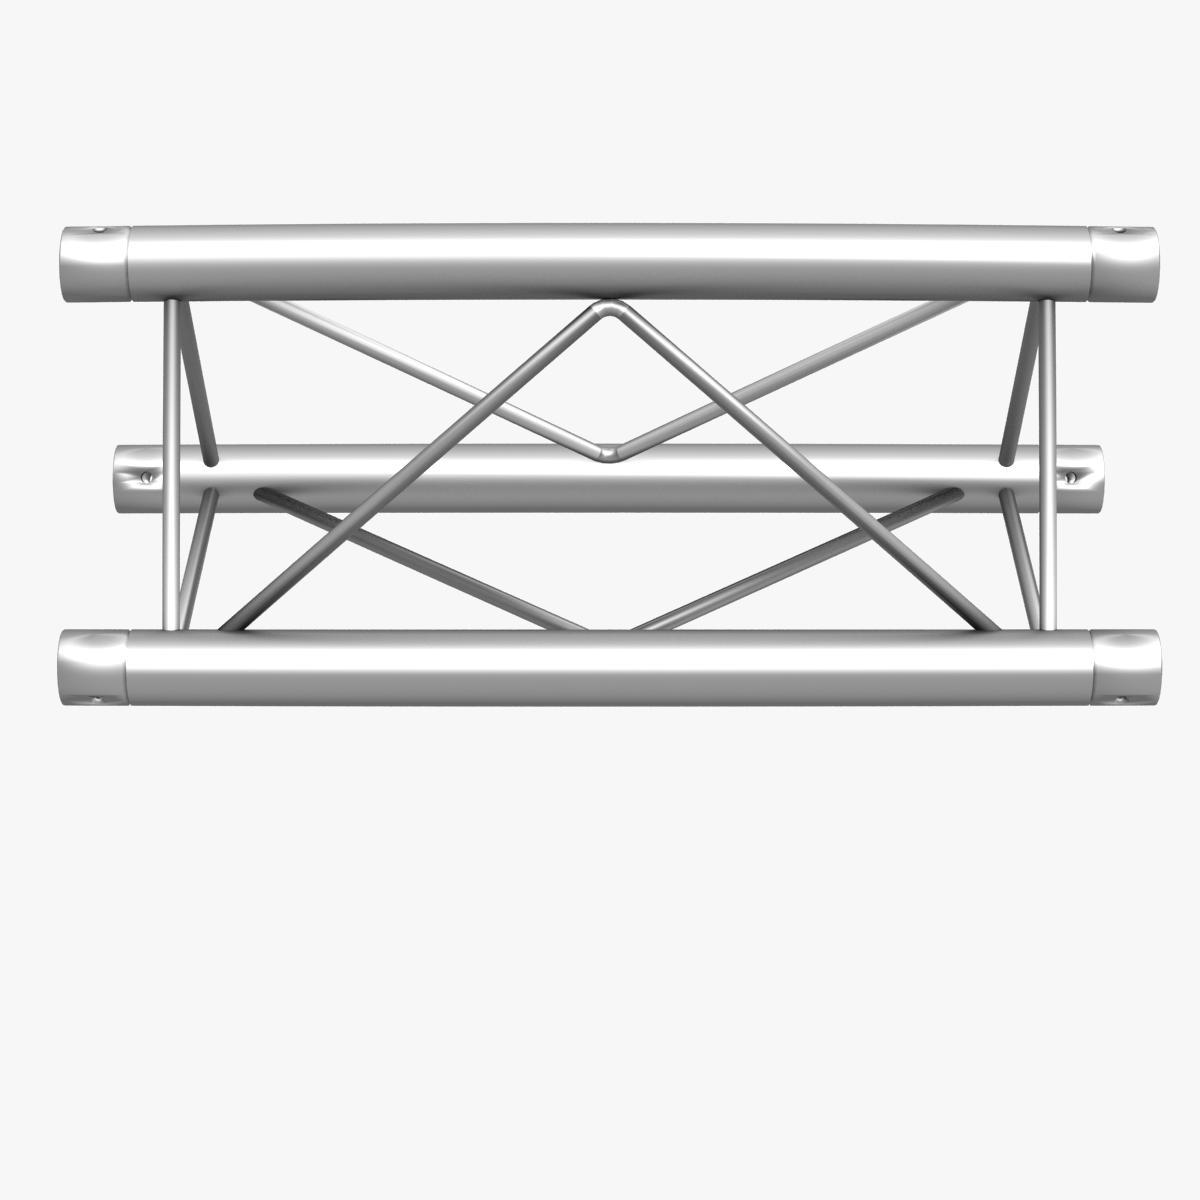 Mini Triangular Truss Straight Segment 111 3d model 3ds max dxf fbx c4d   obj 268877